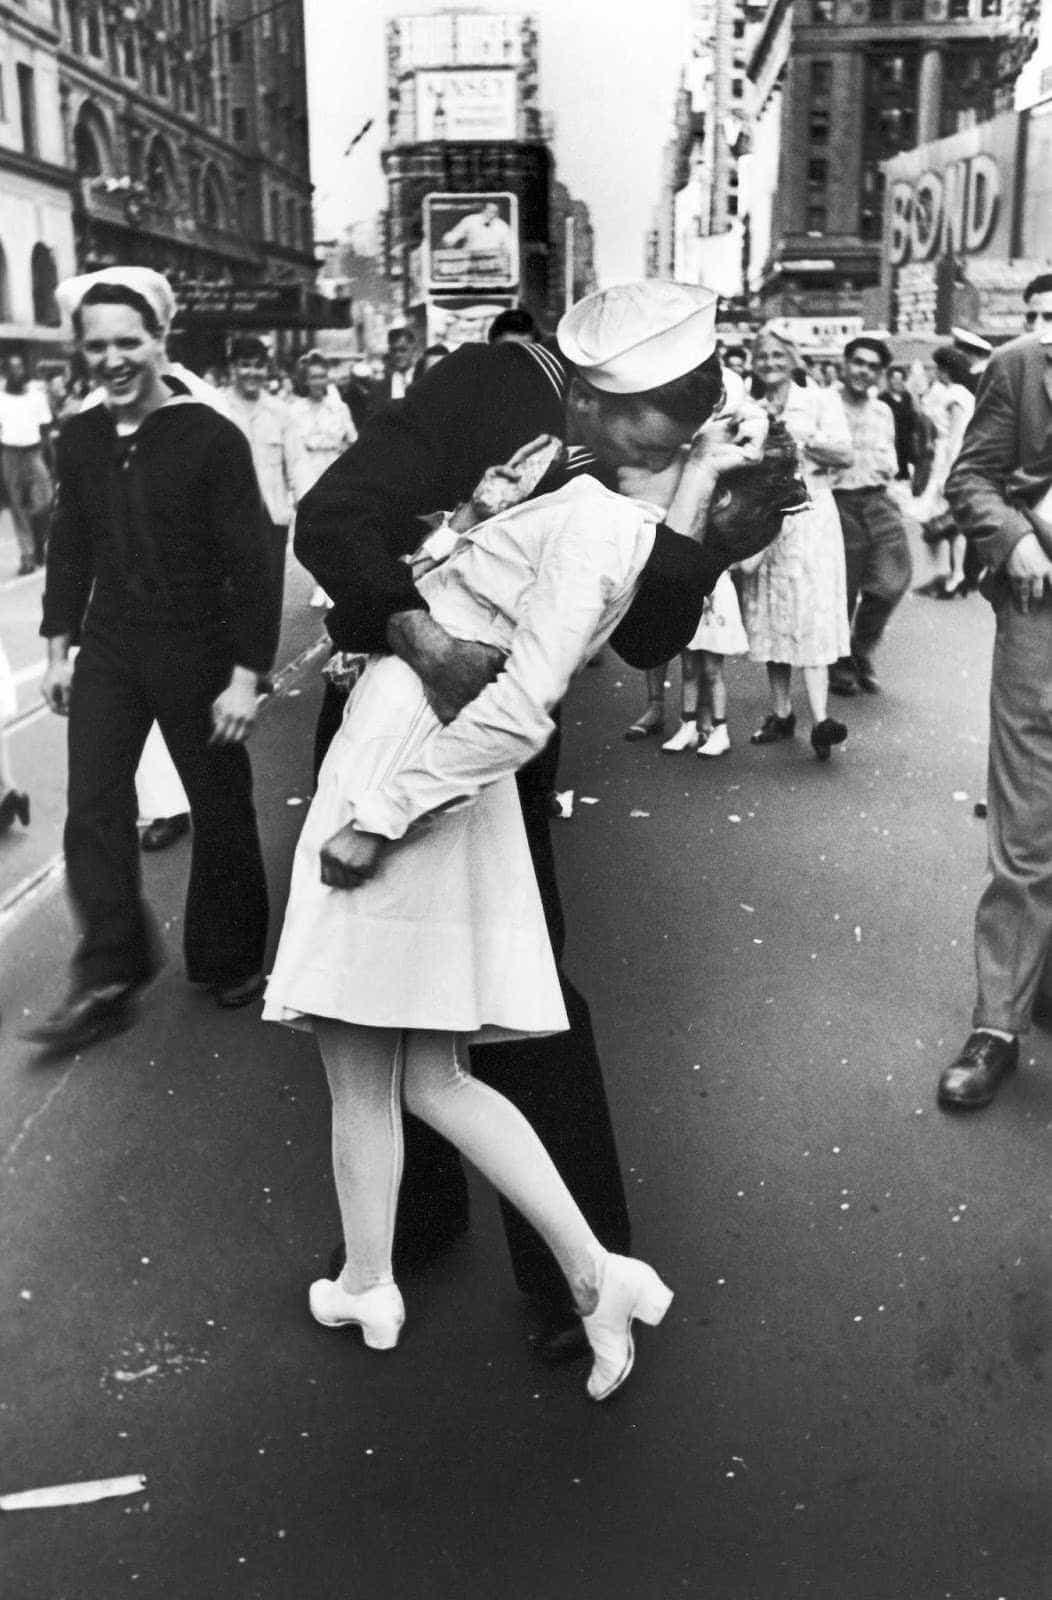 Morreu marinheiro lusodescendente da fotografia do beijo em Times Square